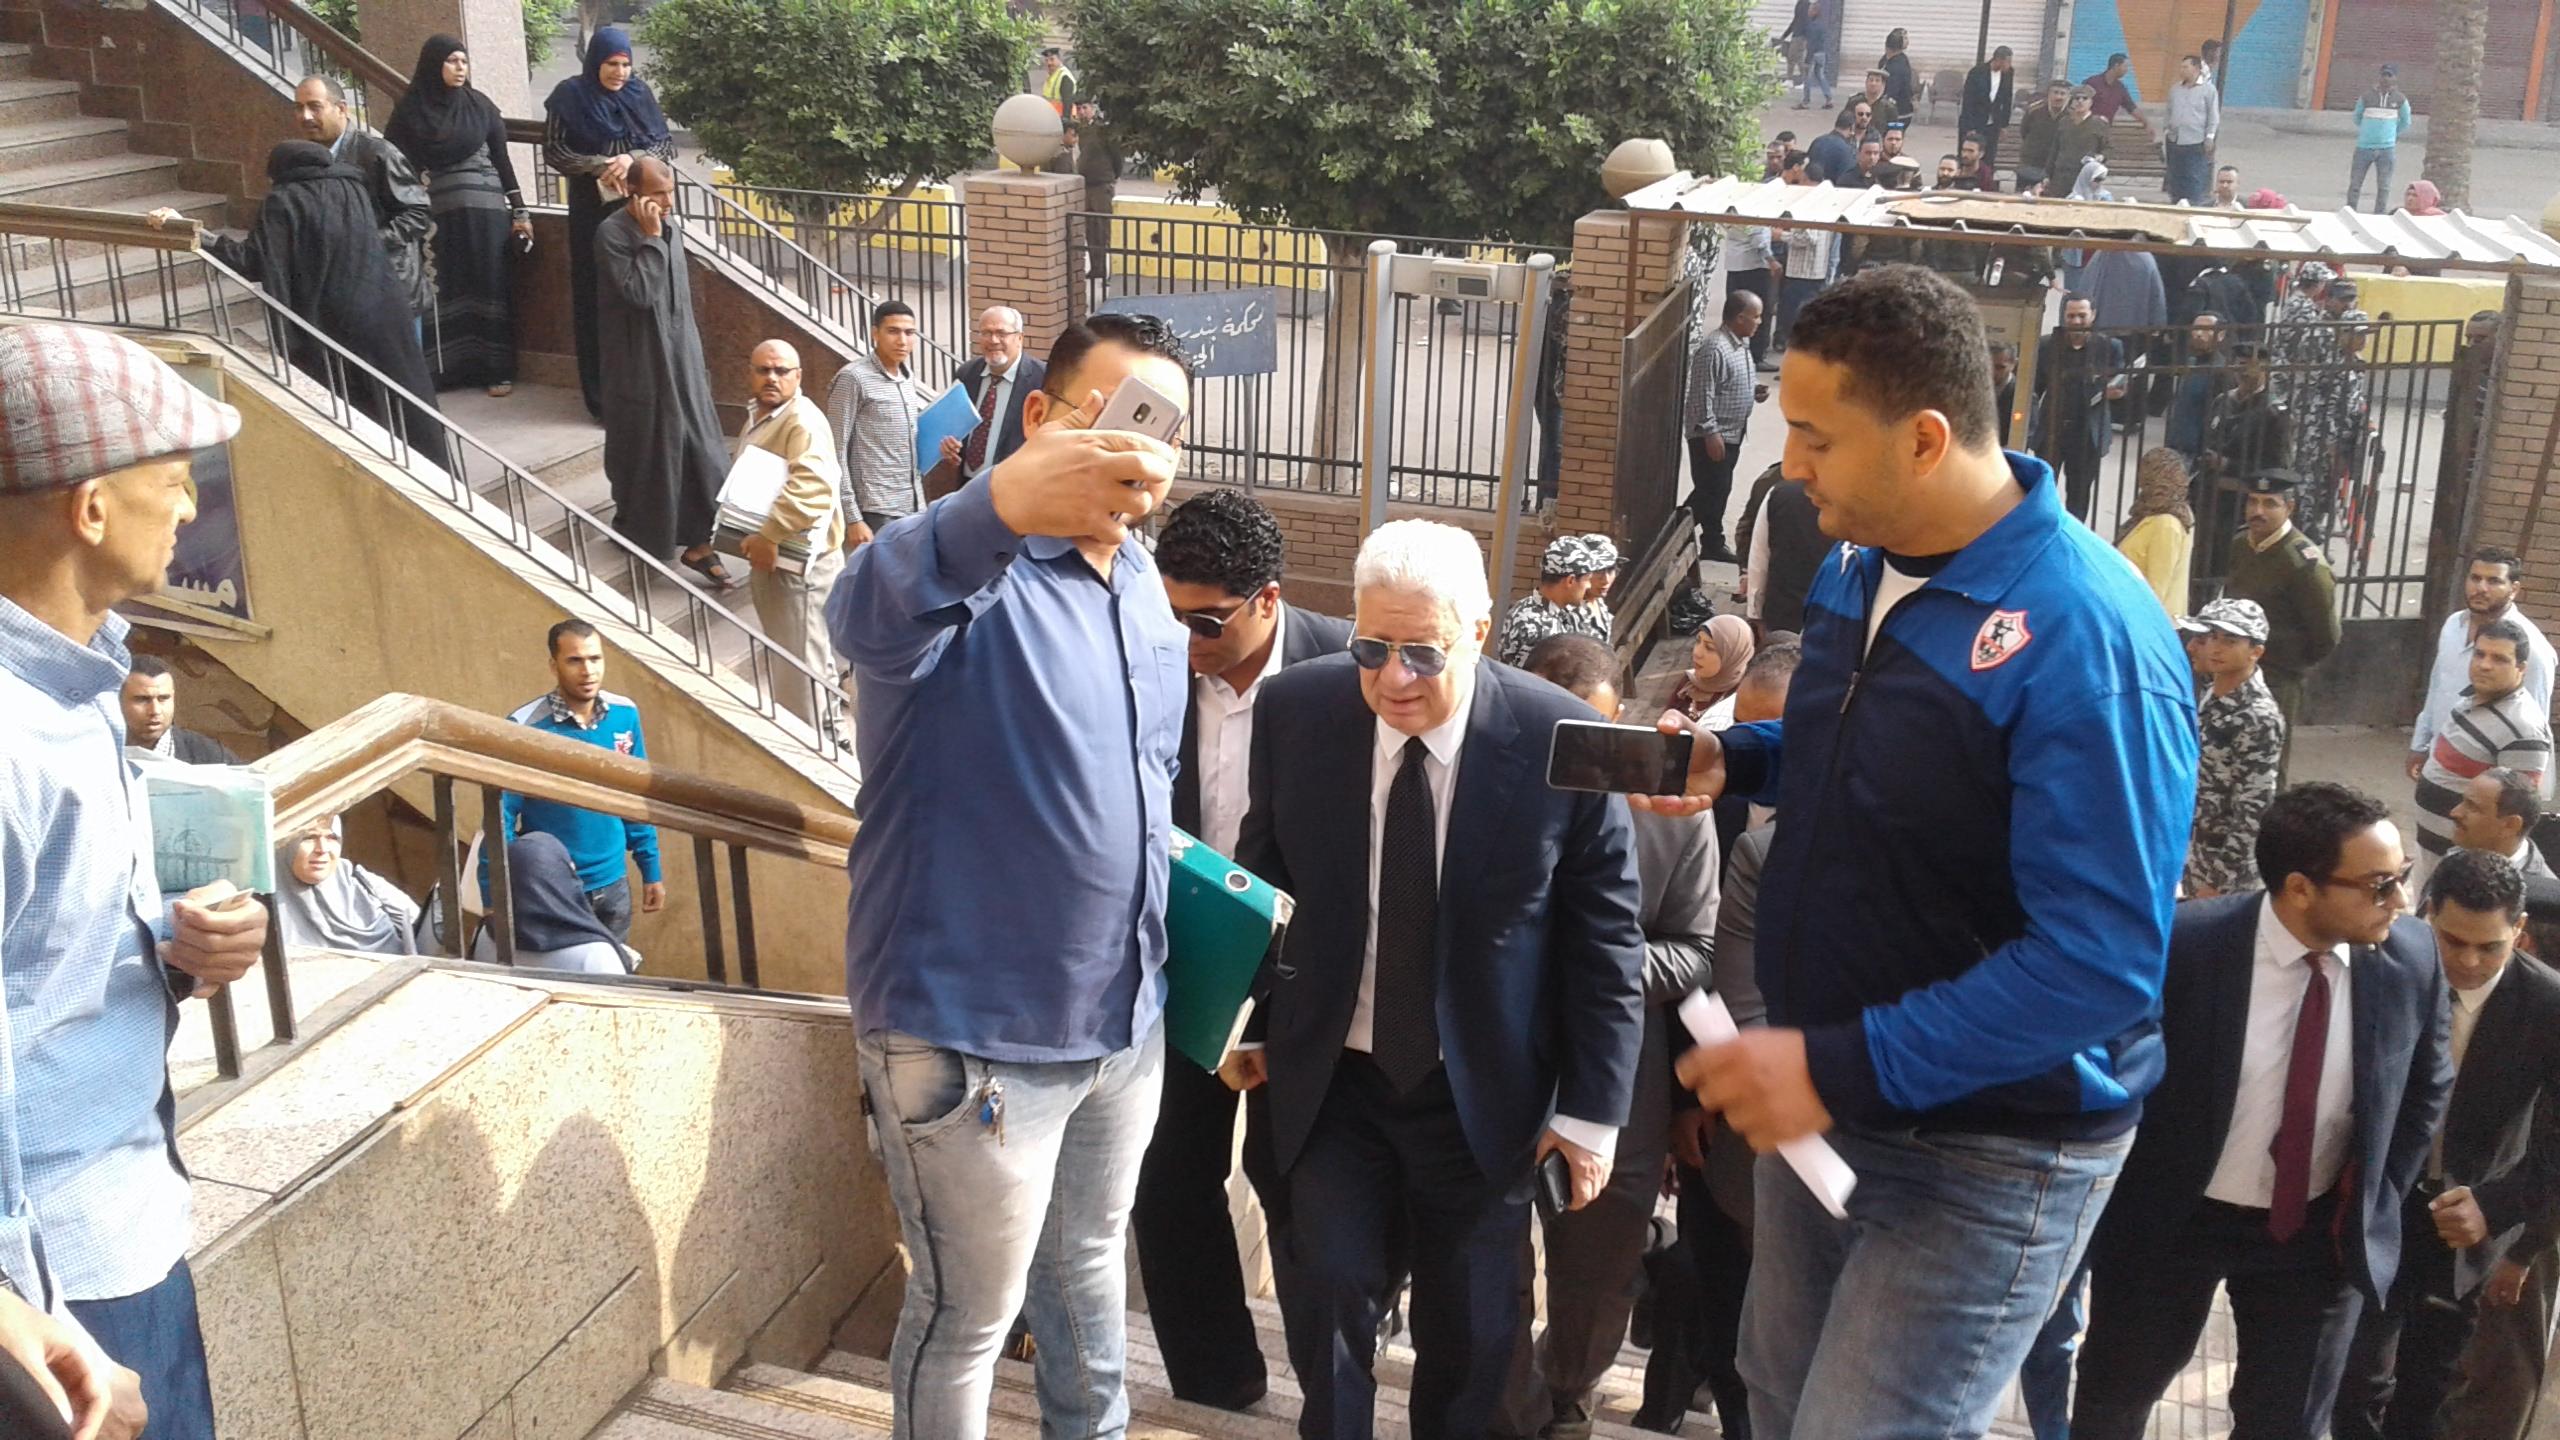 وصول مرتضى منصور لمحكمة شبين الكوم (1)